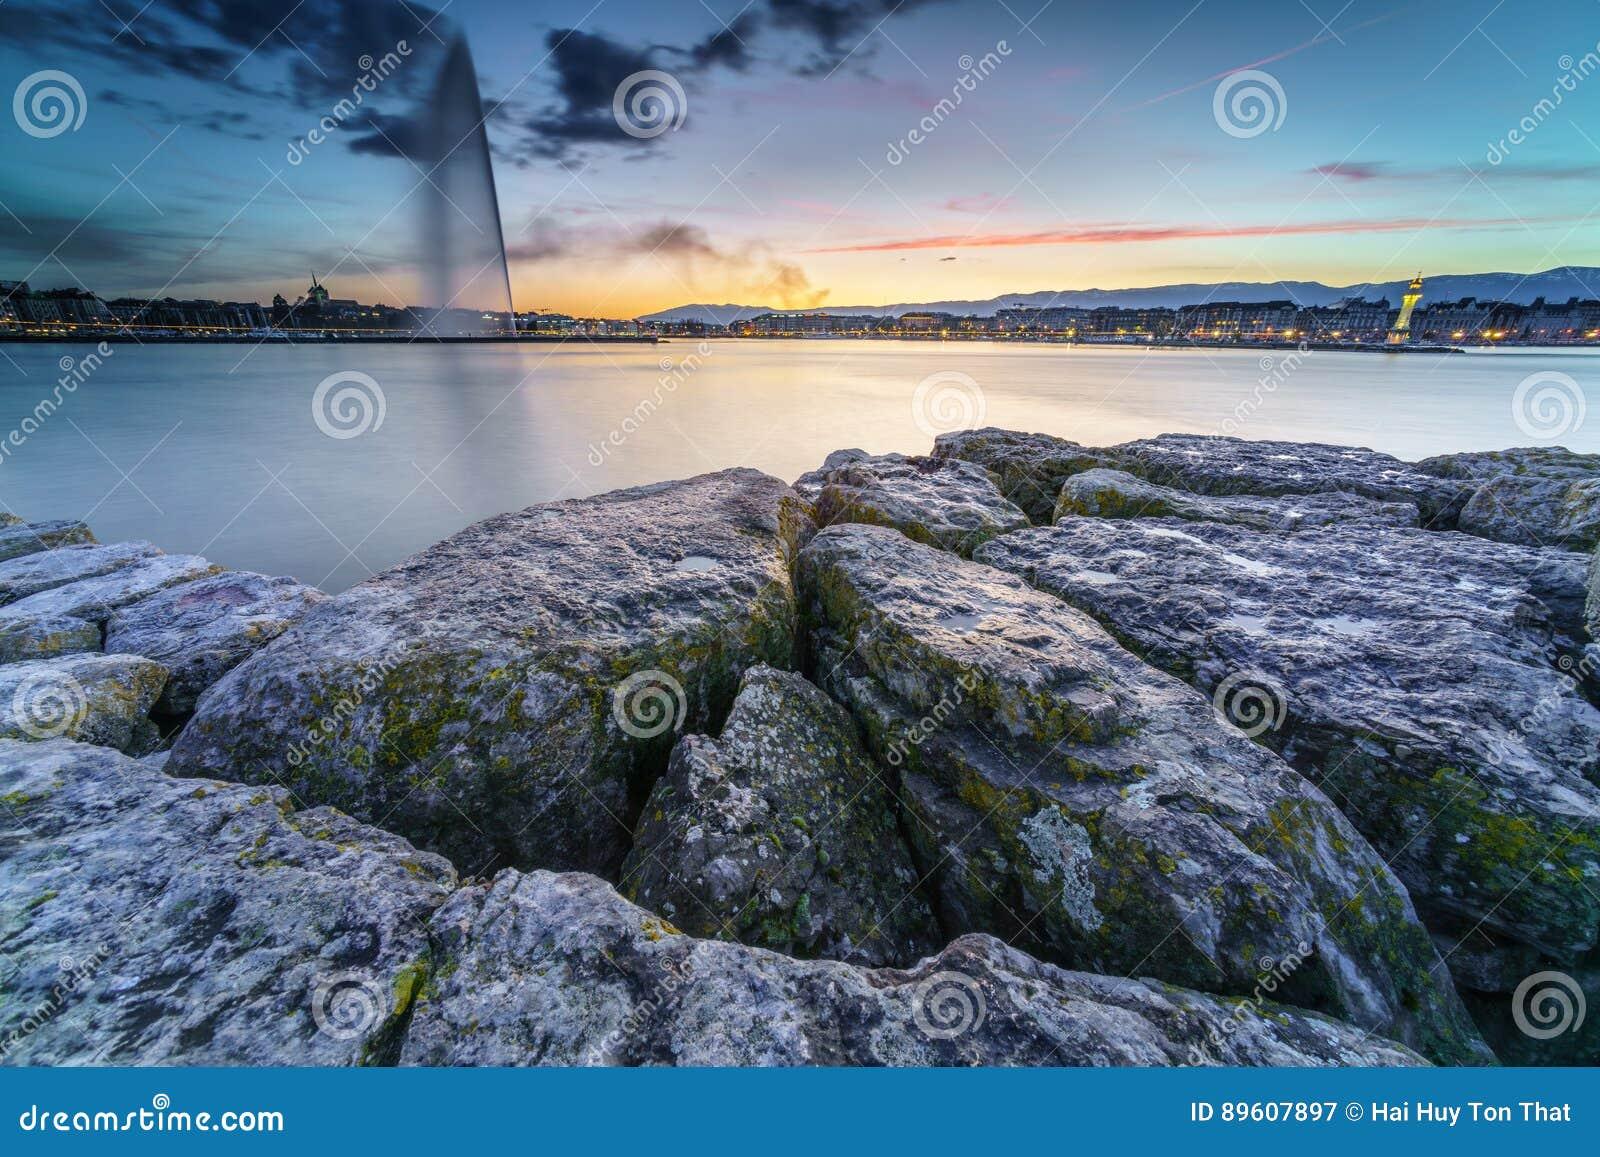 Schne Ansicht Des Sonnenuntergangs Auf Dem See Von Genf Und Stadtbild Stadt Als Schattenbild Der Schweiz Foto Angenommen Am 16 Mrz 2017